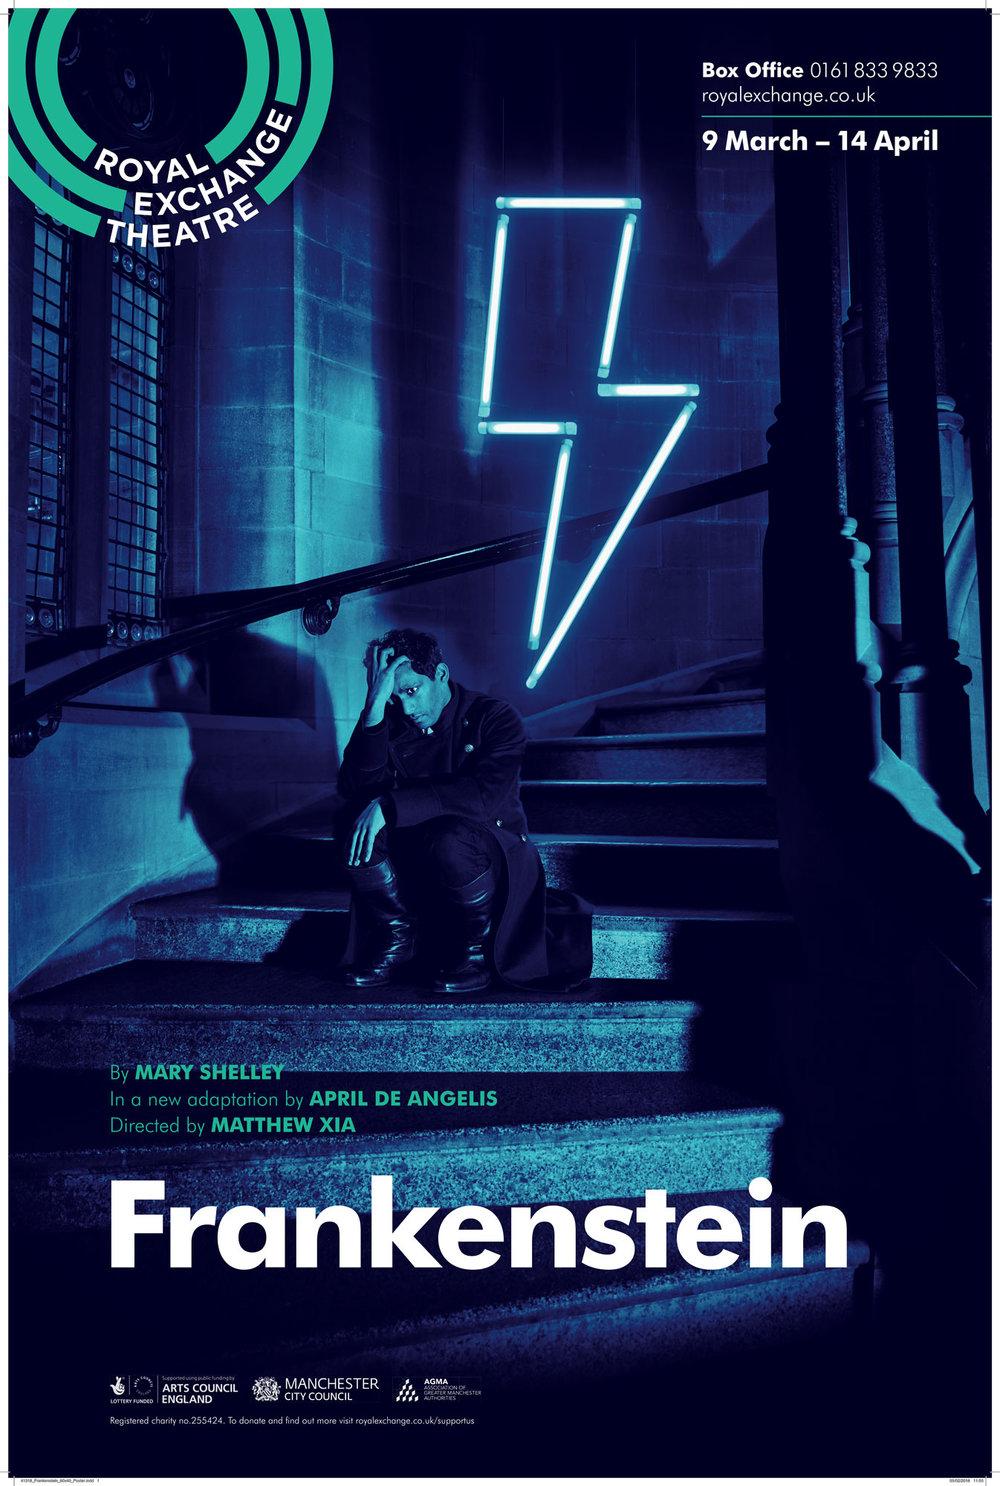 41318_Frankenstein_60x40_Poster-jon-.jpg